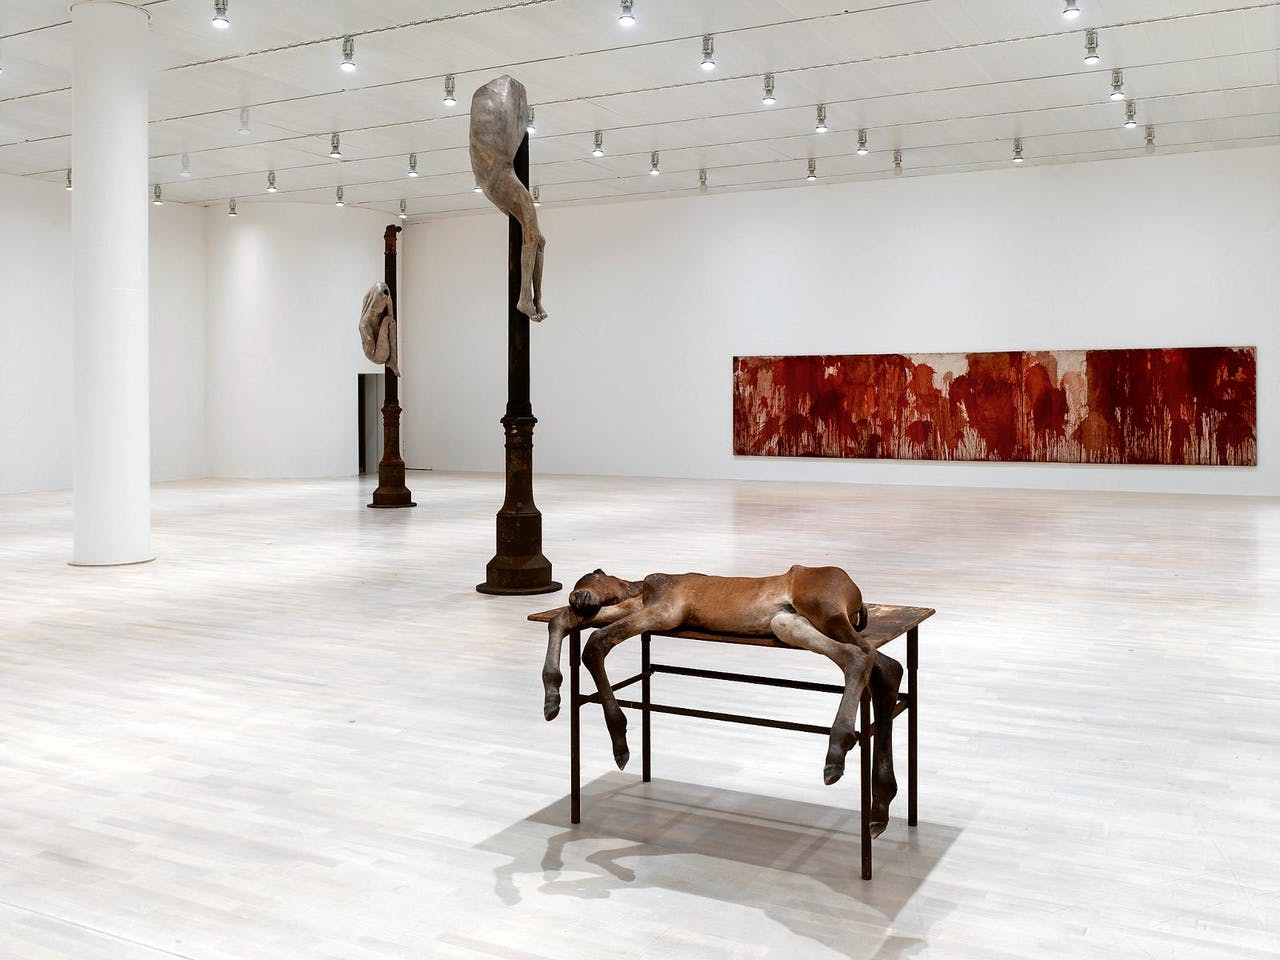 Links: Berlinde De Bruyckeres 'Schmerzenmannen' (2005) en op de voorgrond 'Lost III' (2011), ook van haar hand. Aan de wand 'Passionsfries' van de Duitser Hermann Nitsch, uit 1962.